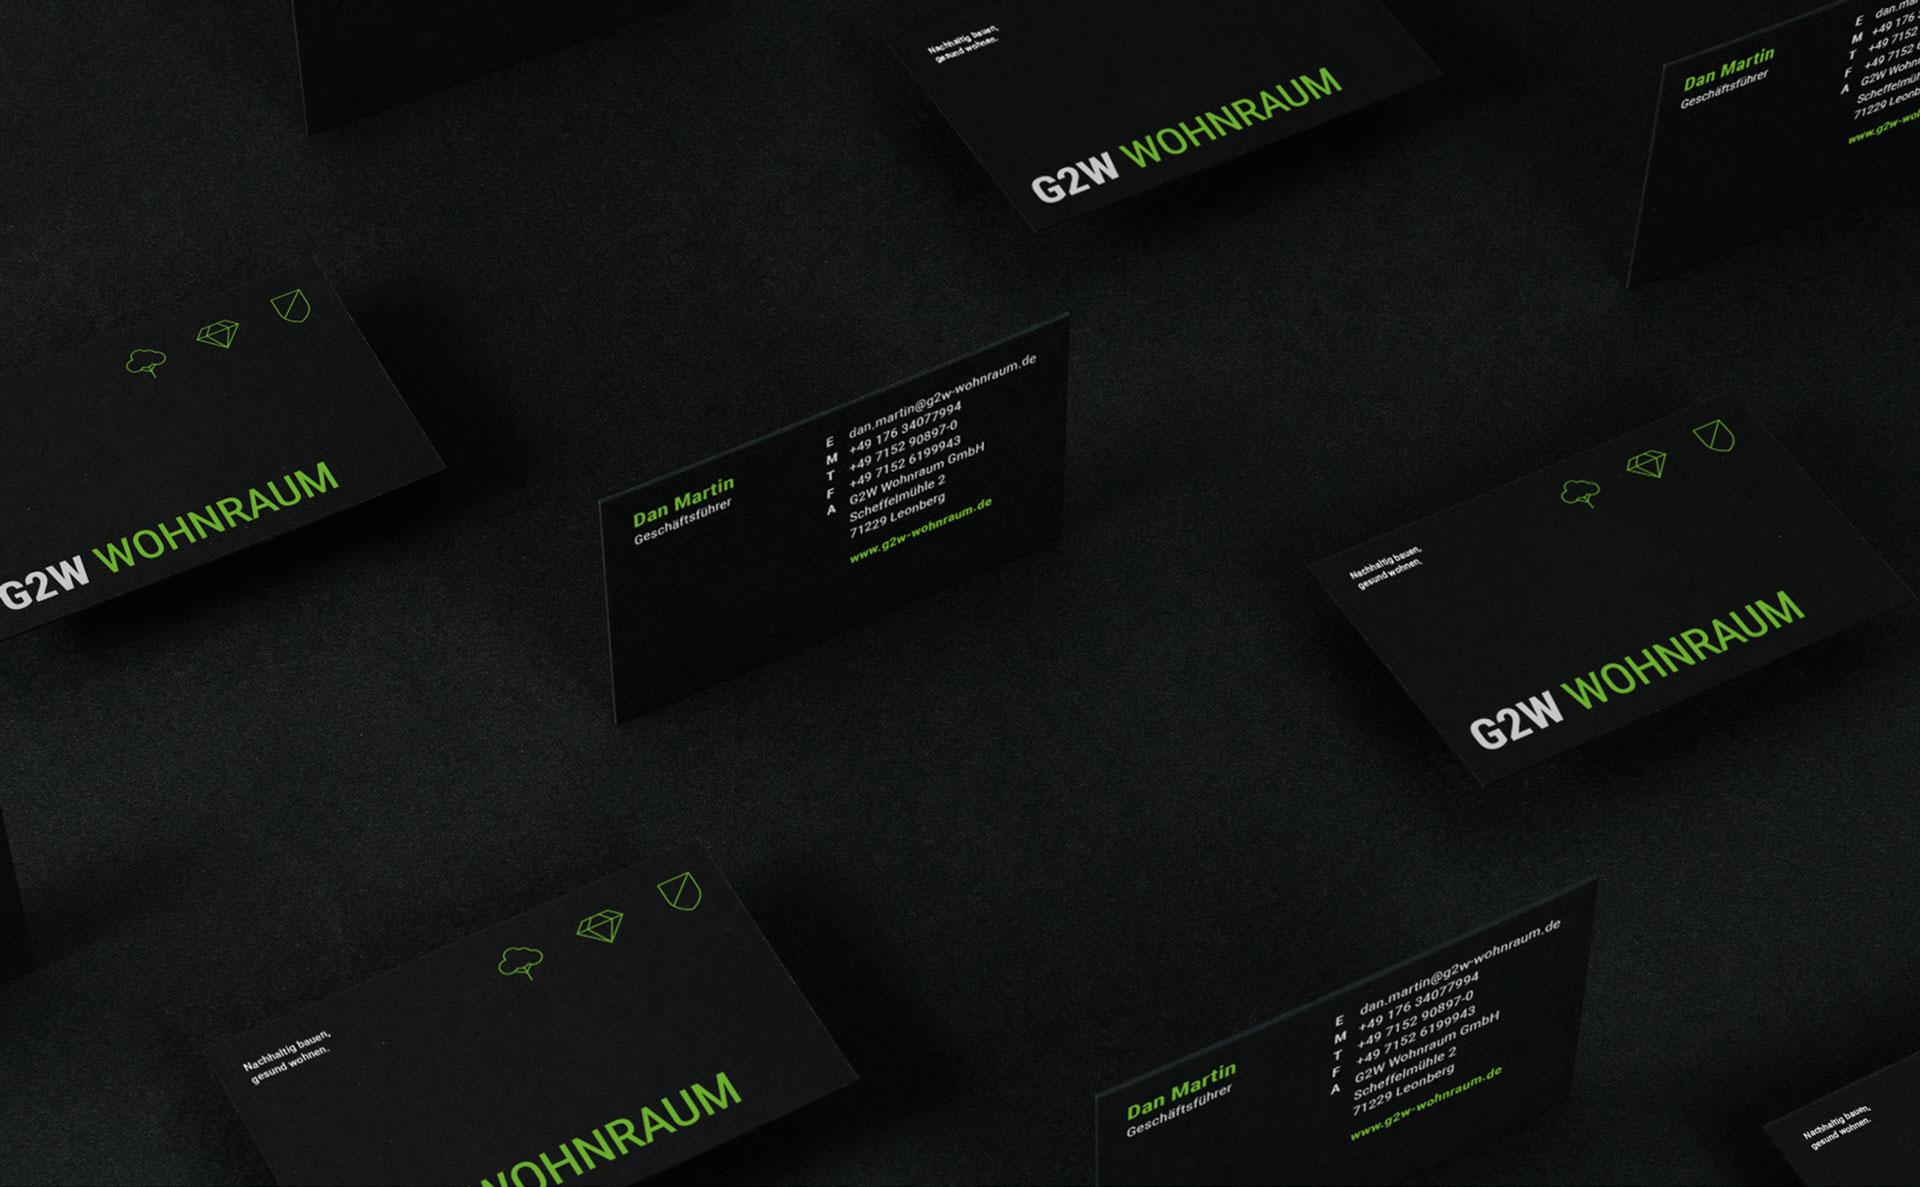 Projekt G2W